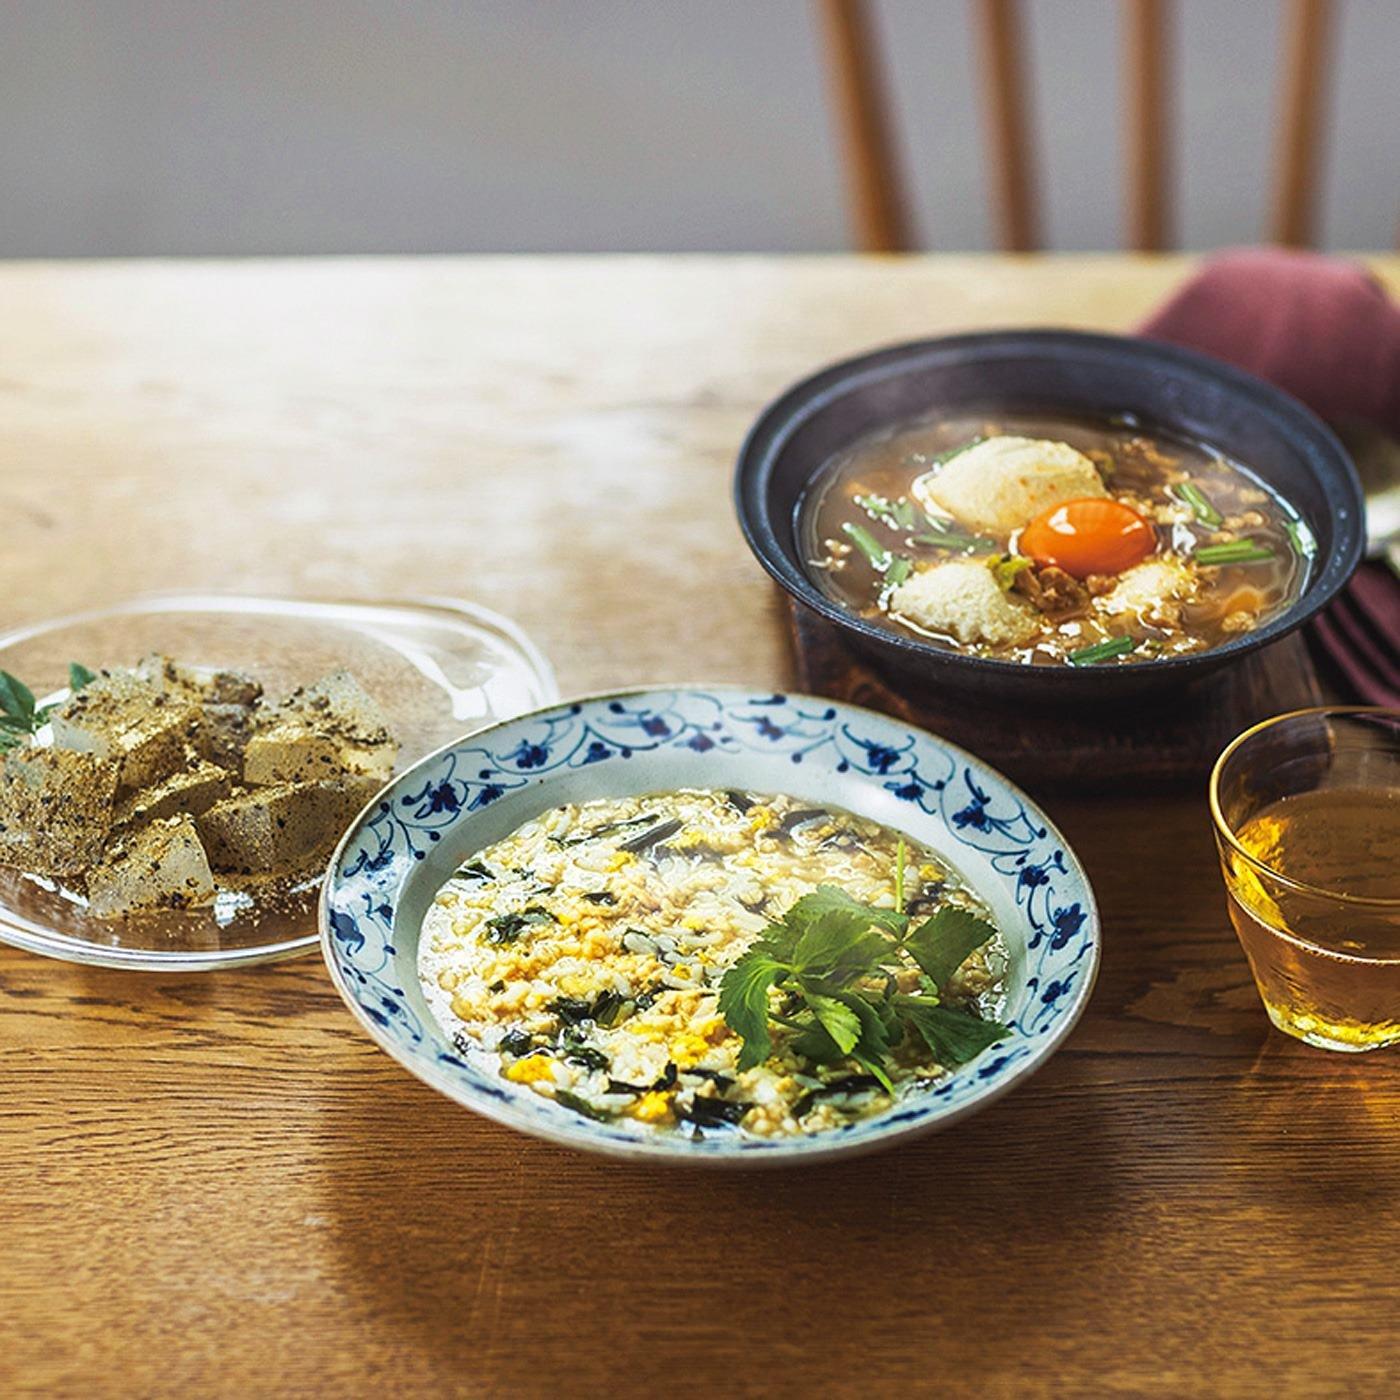 和スイーツが加わった おいしくキレイにゆるやか ローカーボ低糖質雑炊とからだが喜ぶスープセットの会(6回予約)